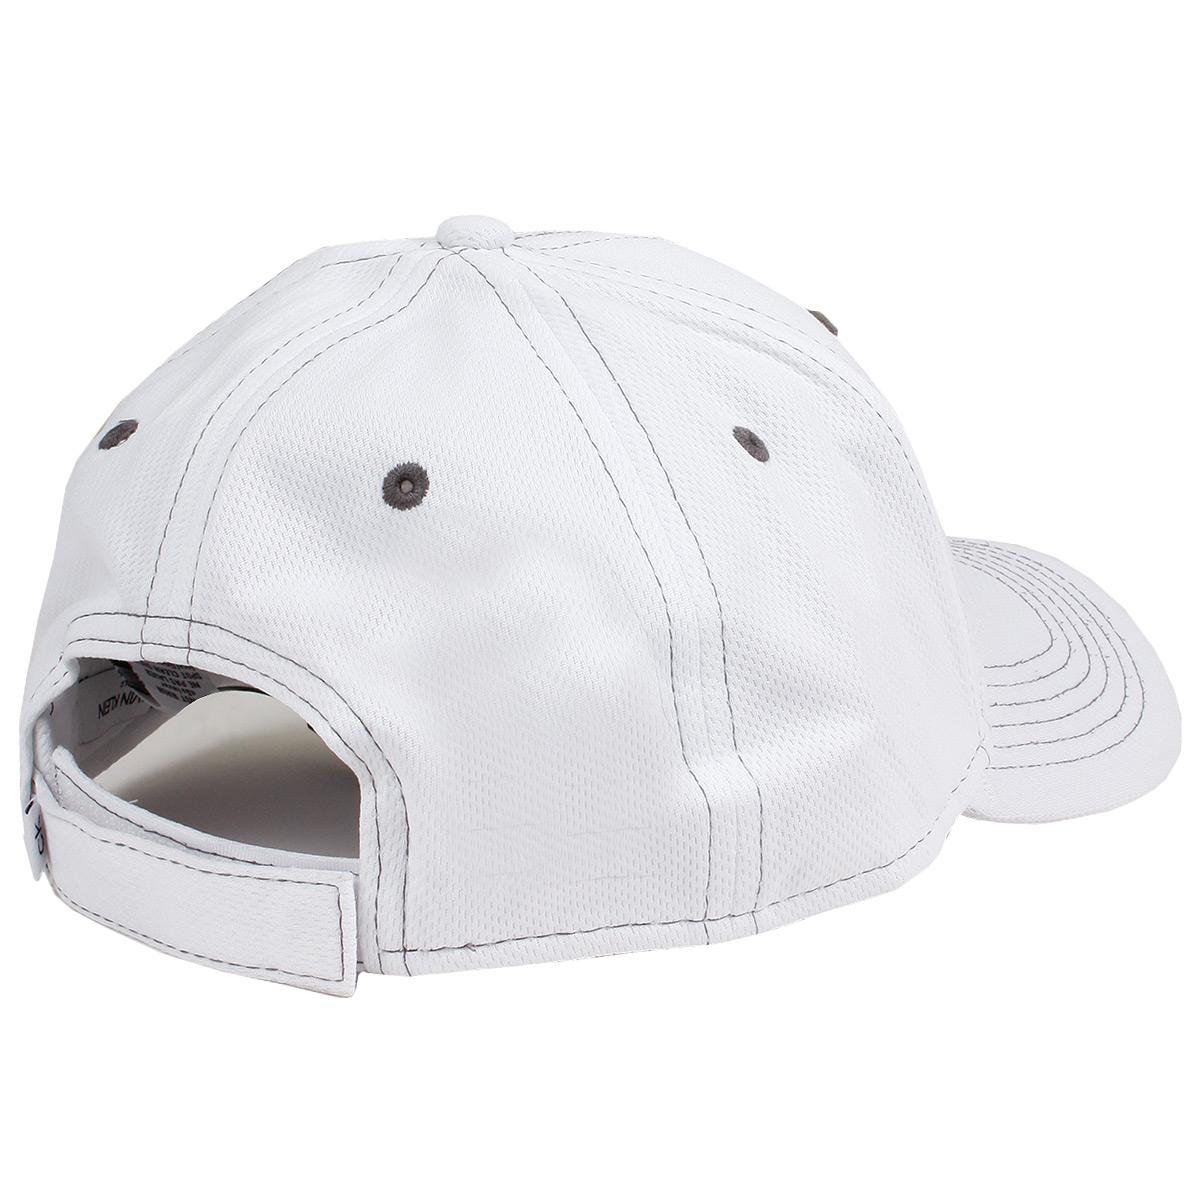 4ee702eb8b7 Calvin Klein Golf Mens CK Airtex Adjustable Mesh Baseball Cap 40 ...